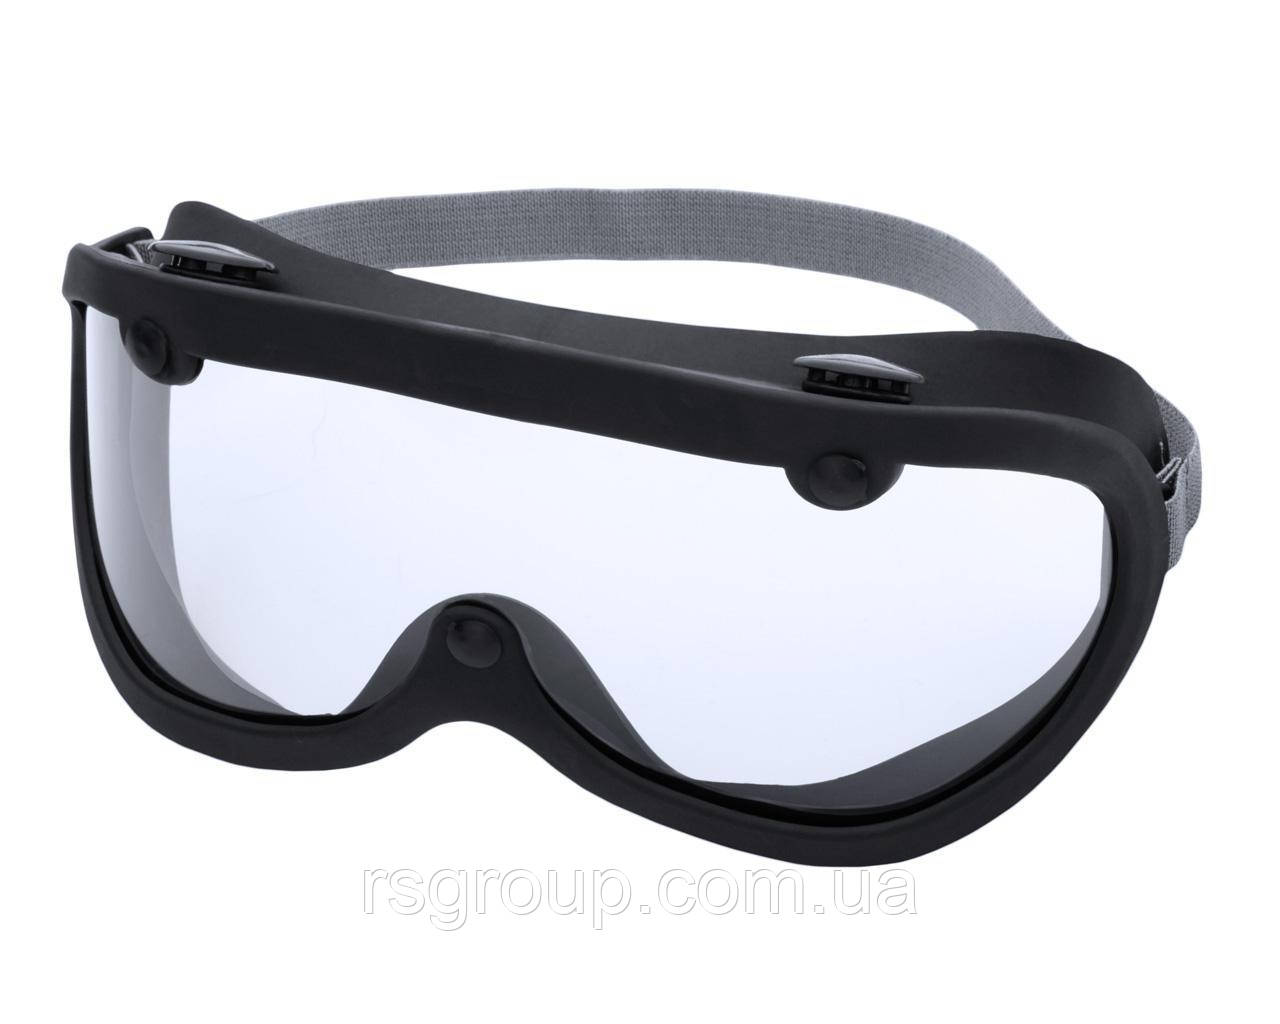 Очки Кобра (стекло небьющийся поликарбонат)+ запасная линза в подарок.